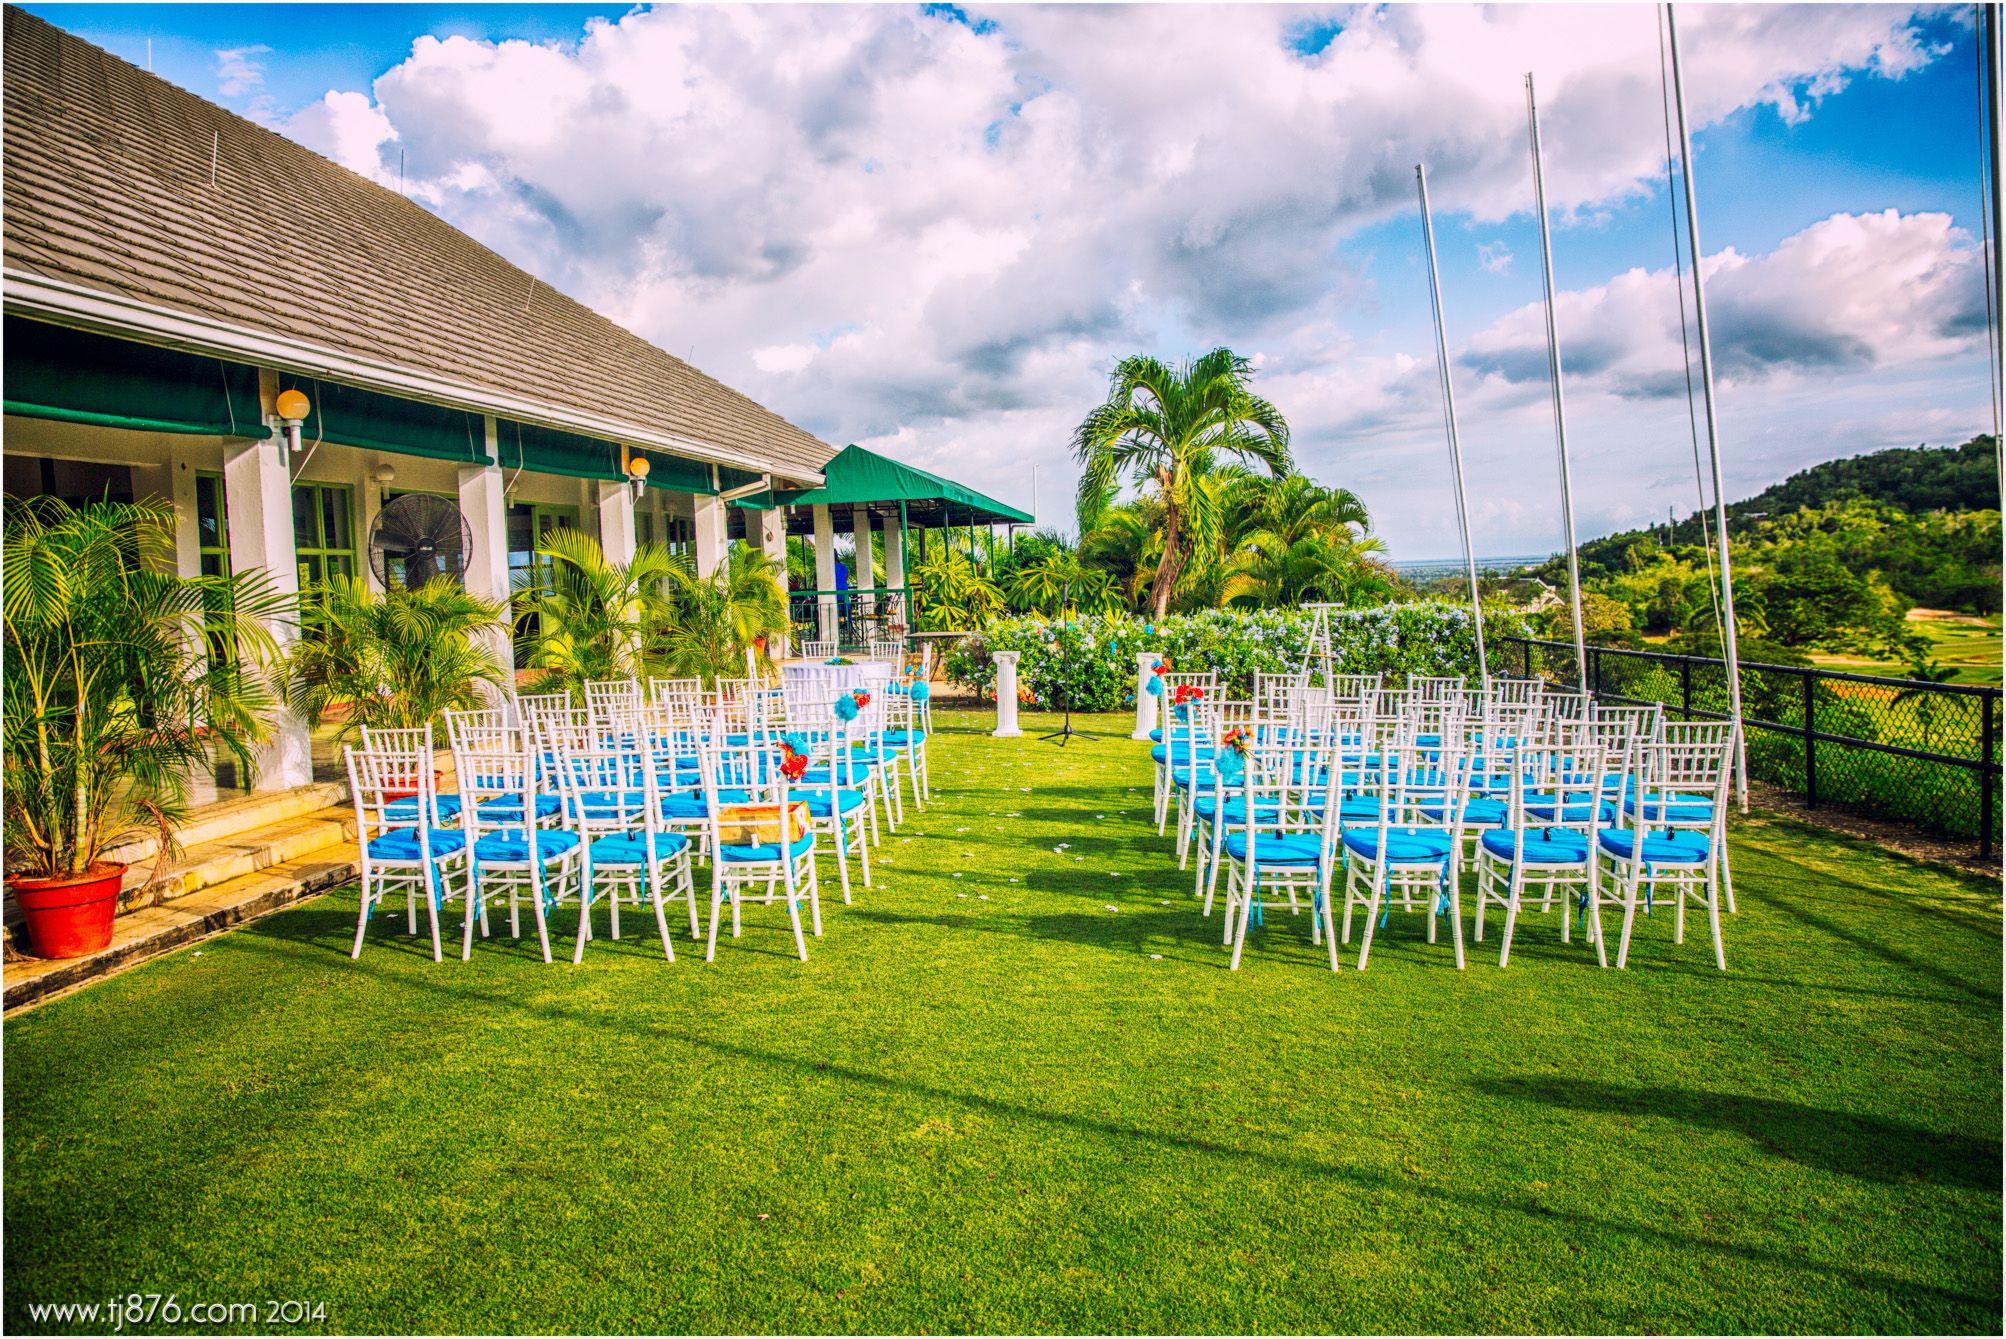 Caymanas golf club wedding venue location in jamaica